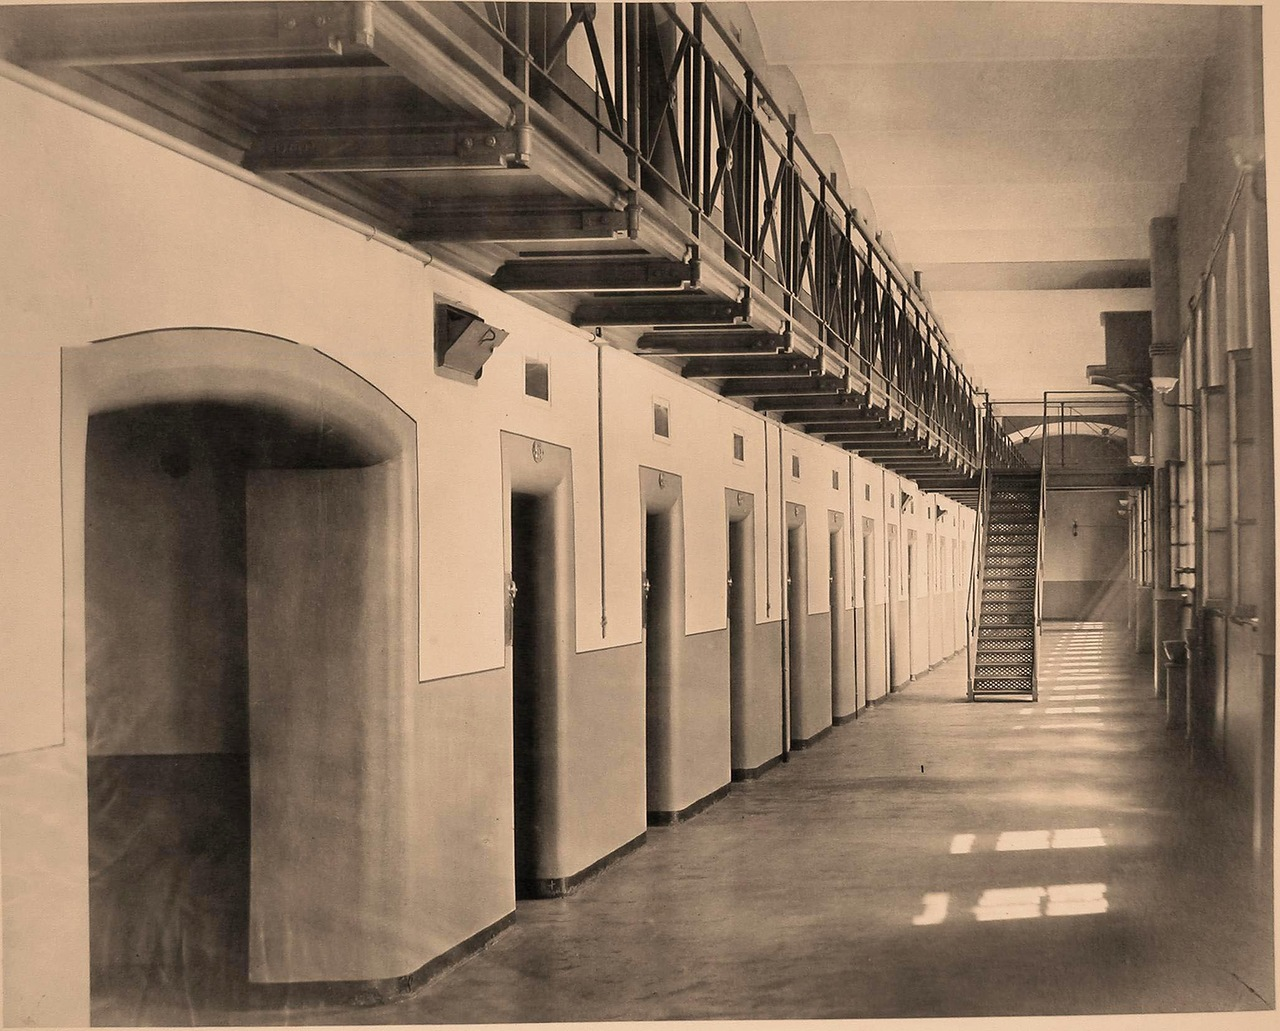 Мемориальная тюрьма заключения, предварительного, отделении, мужском, стороны, помещения, здания, части, одиночного, заключенных, камер, Шпалерной, Захарьевской, улице, галереи, Окружного, двора, висячие, этажей, места